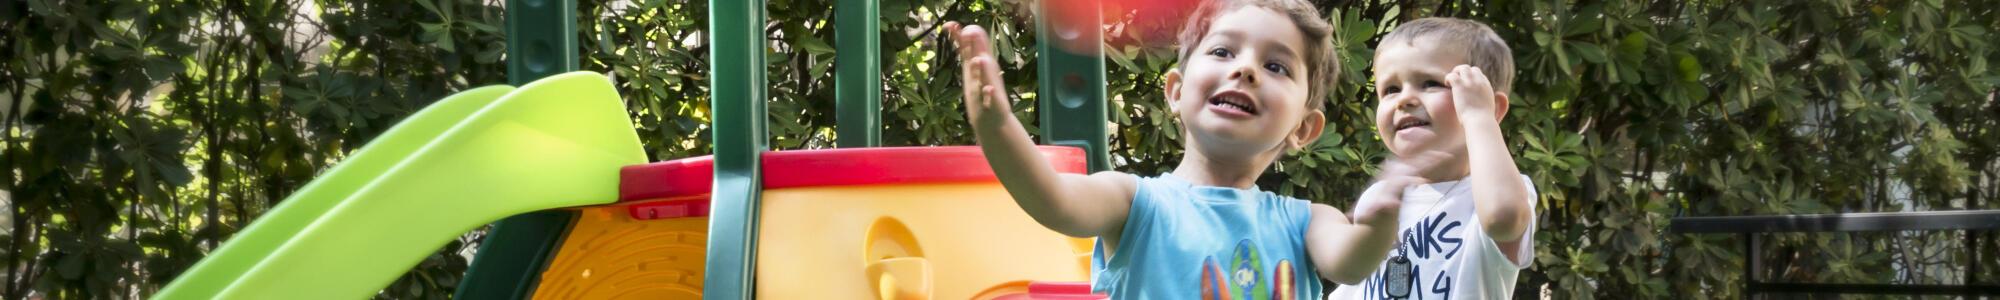 Offerta in All inclusive di giugno con 2 bambini gratis a Cervia